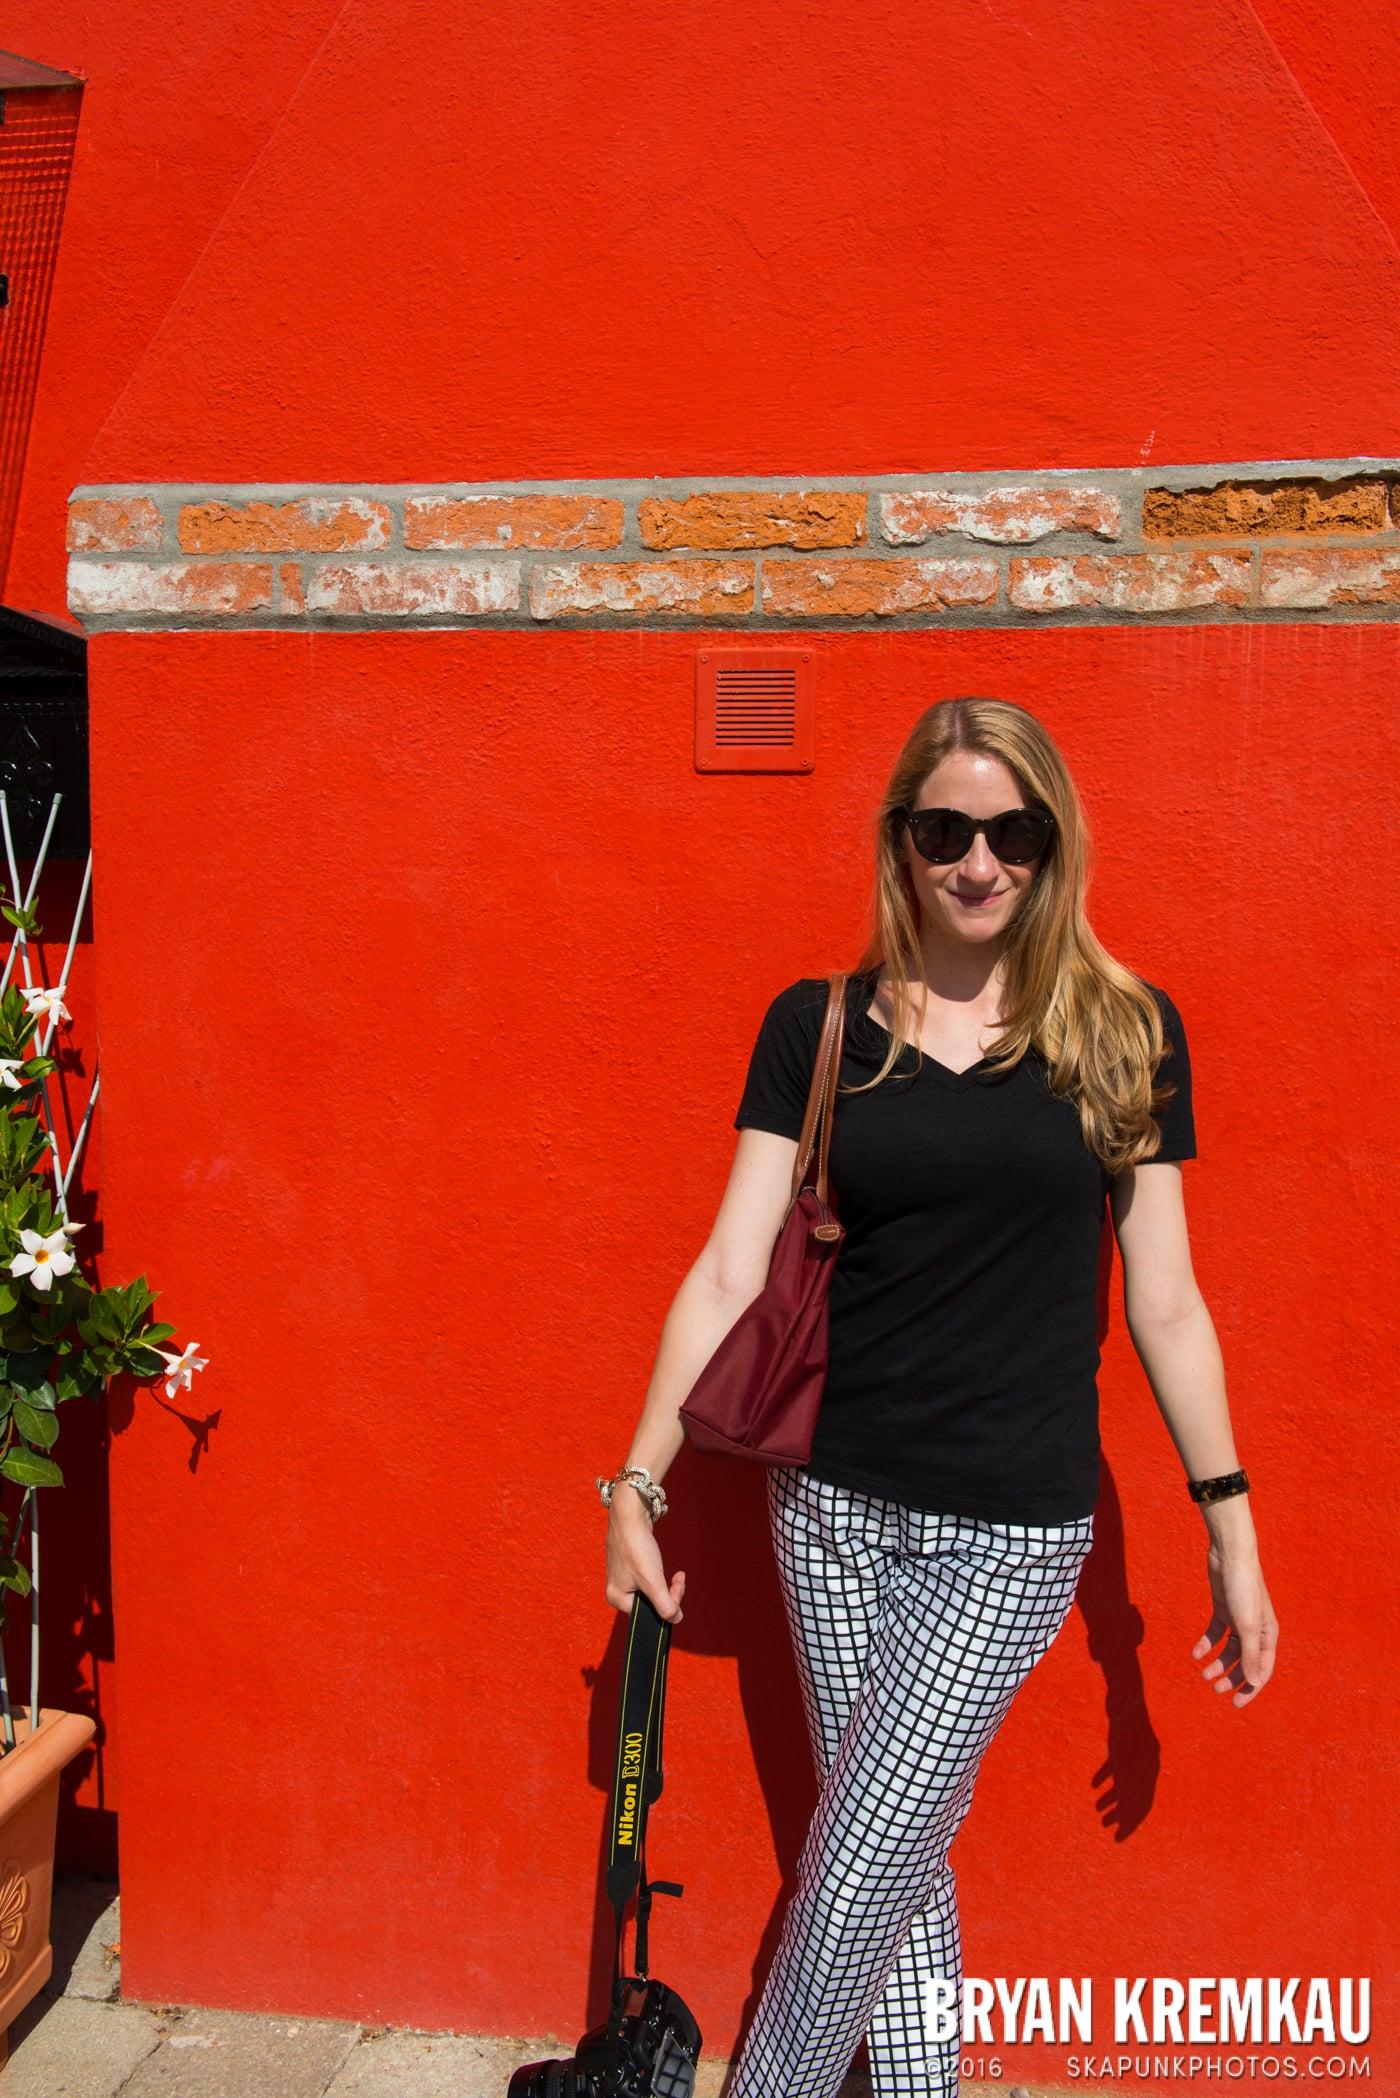 Italy Vacation - Day 6: Murano, Burano, Venice - 9.14.13 (35)